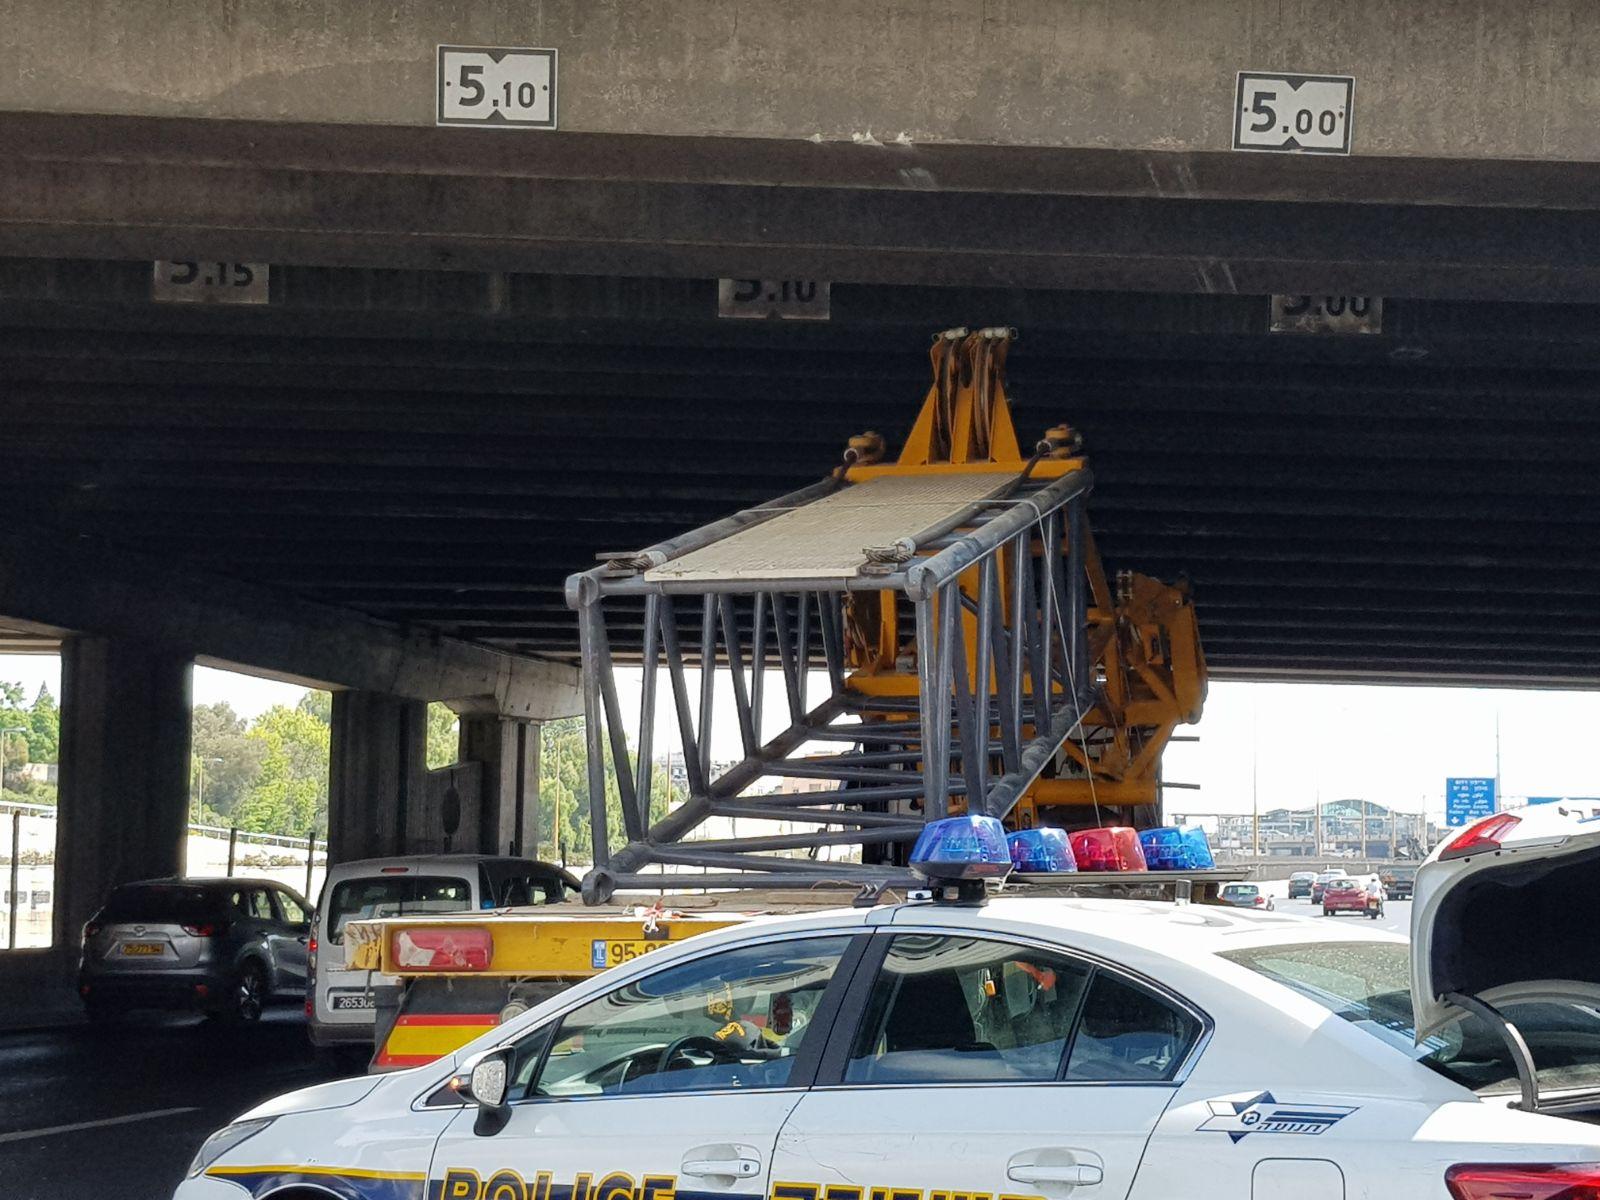 מכת גשרים: משאית עם מנוף התנגשה בגשר בנתיבי איילון